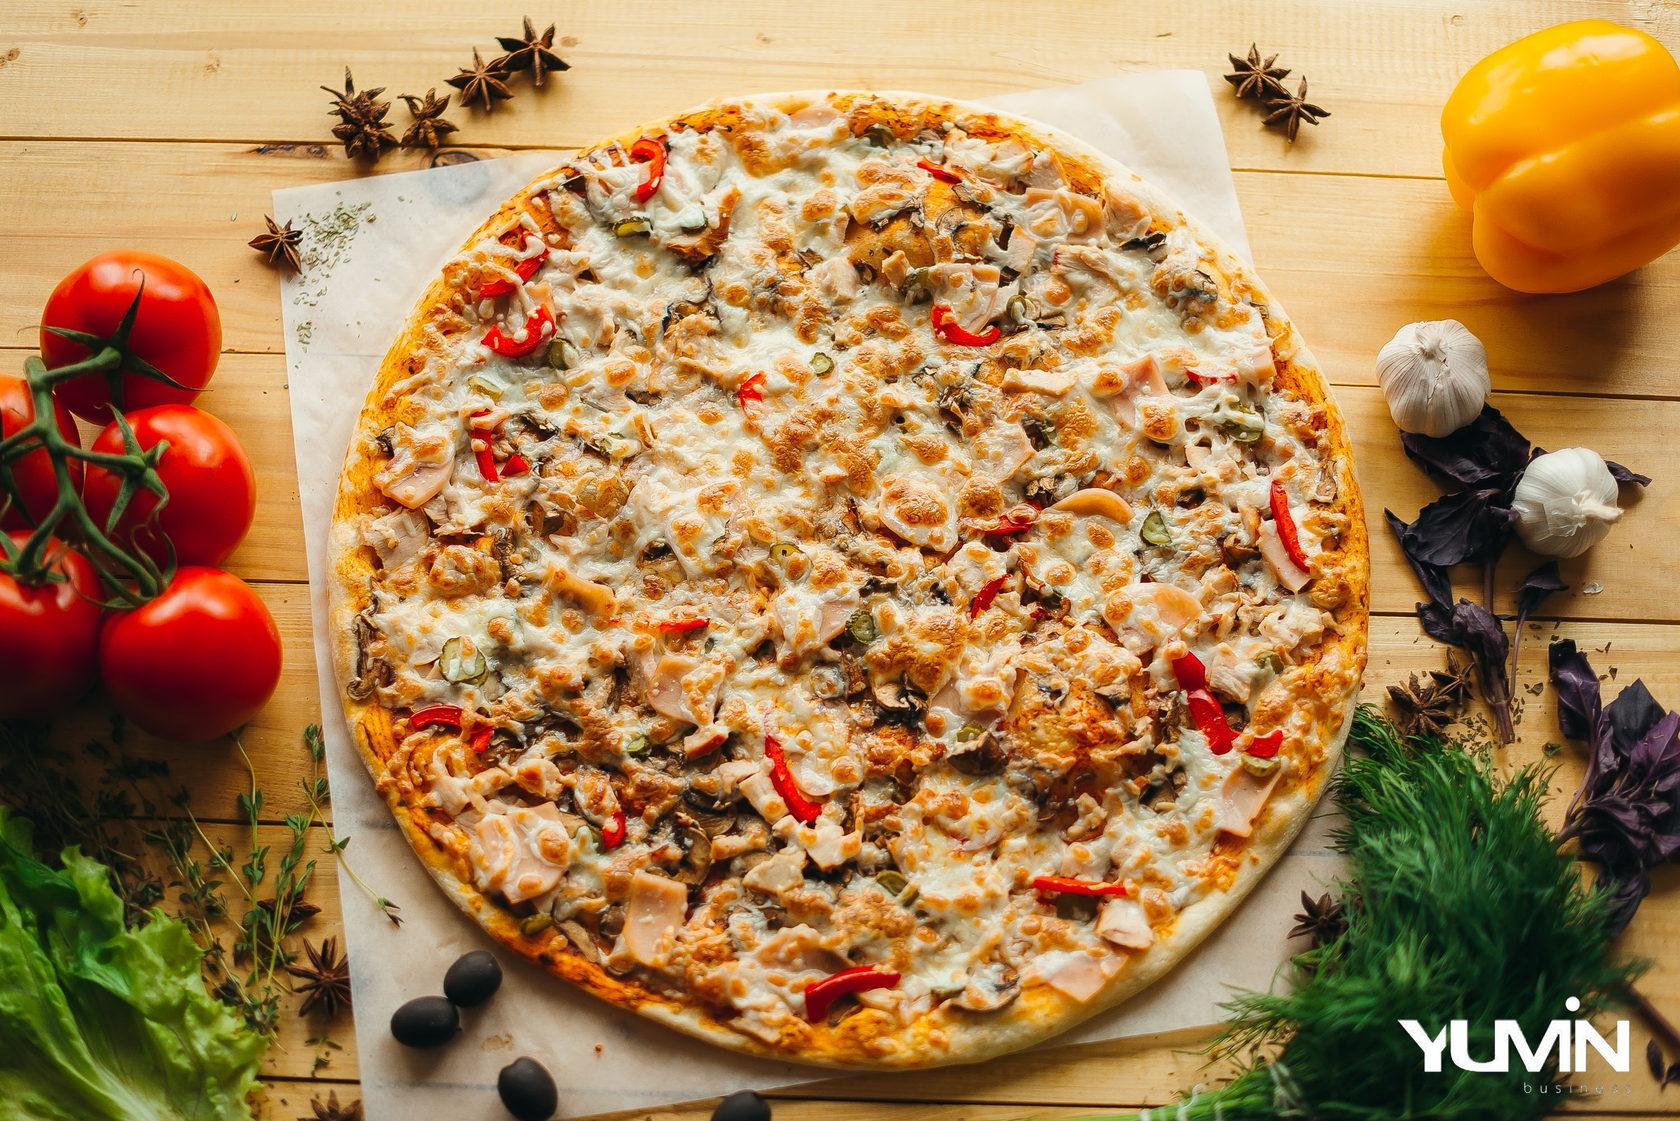 Жар пицца, служба бесплатной доставки пиццы.